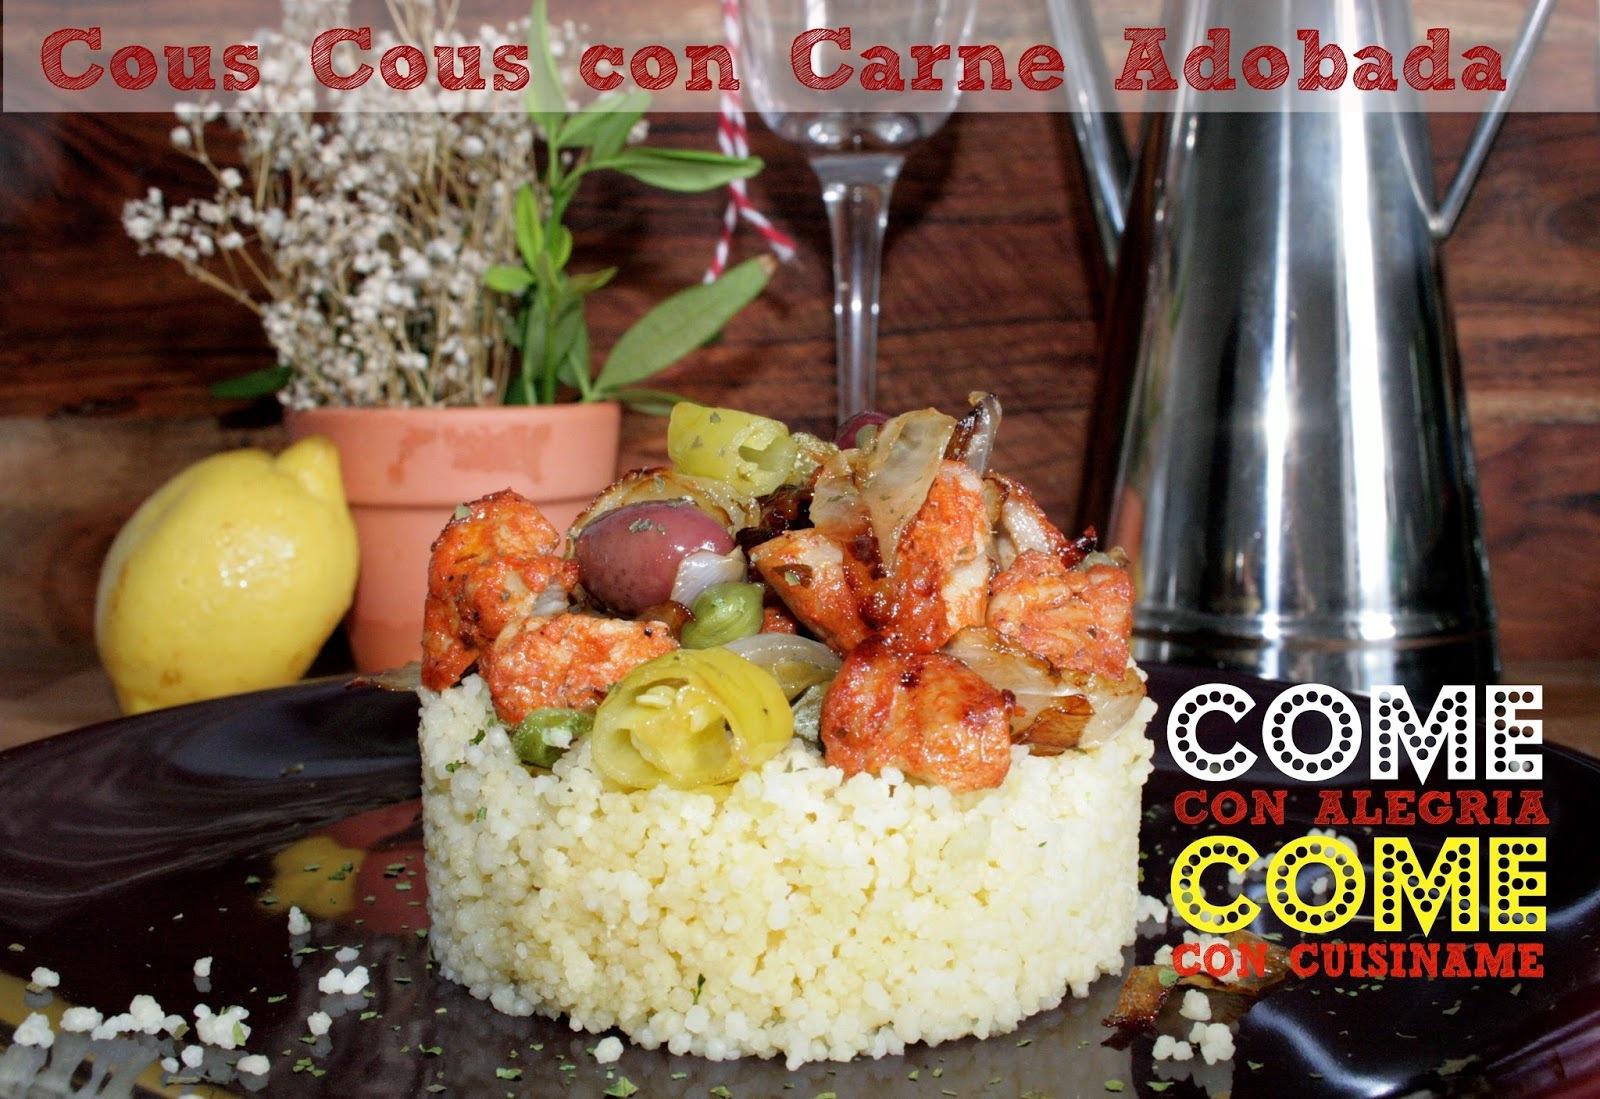 Cous Cous con Carne   Recetas Originales